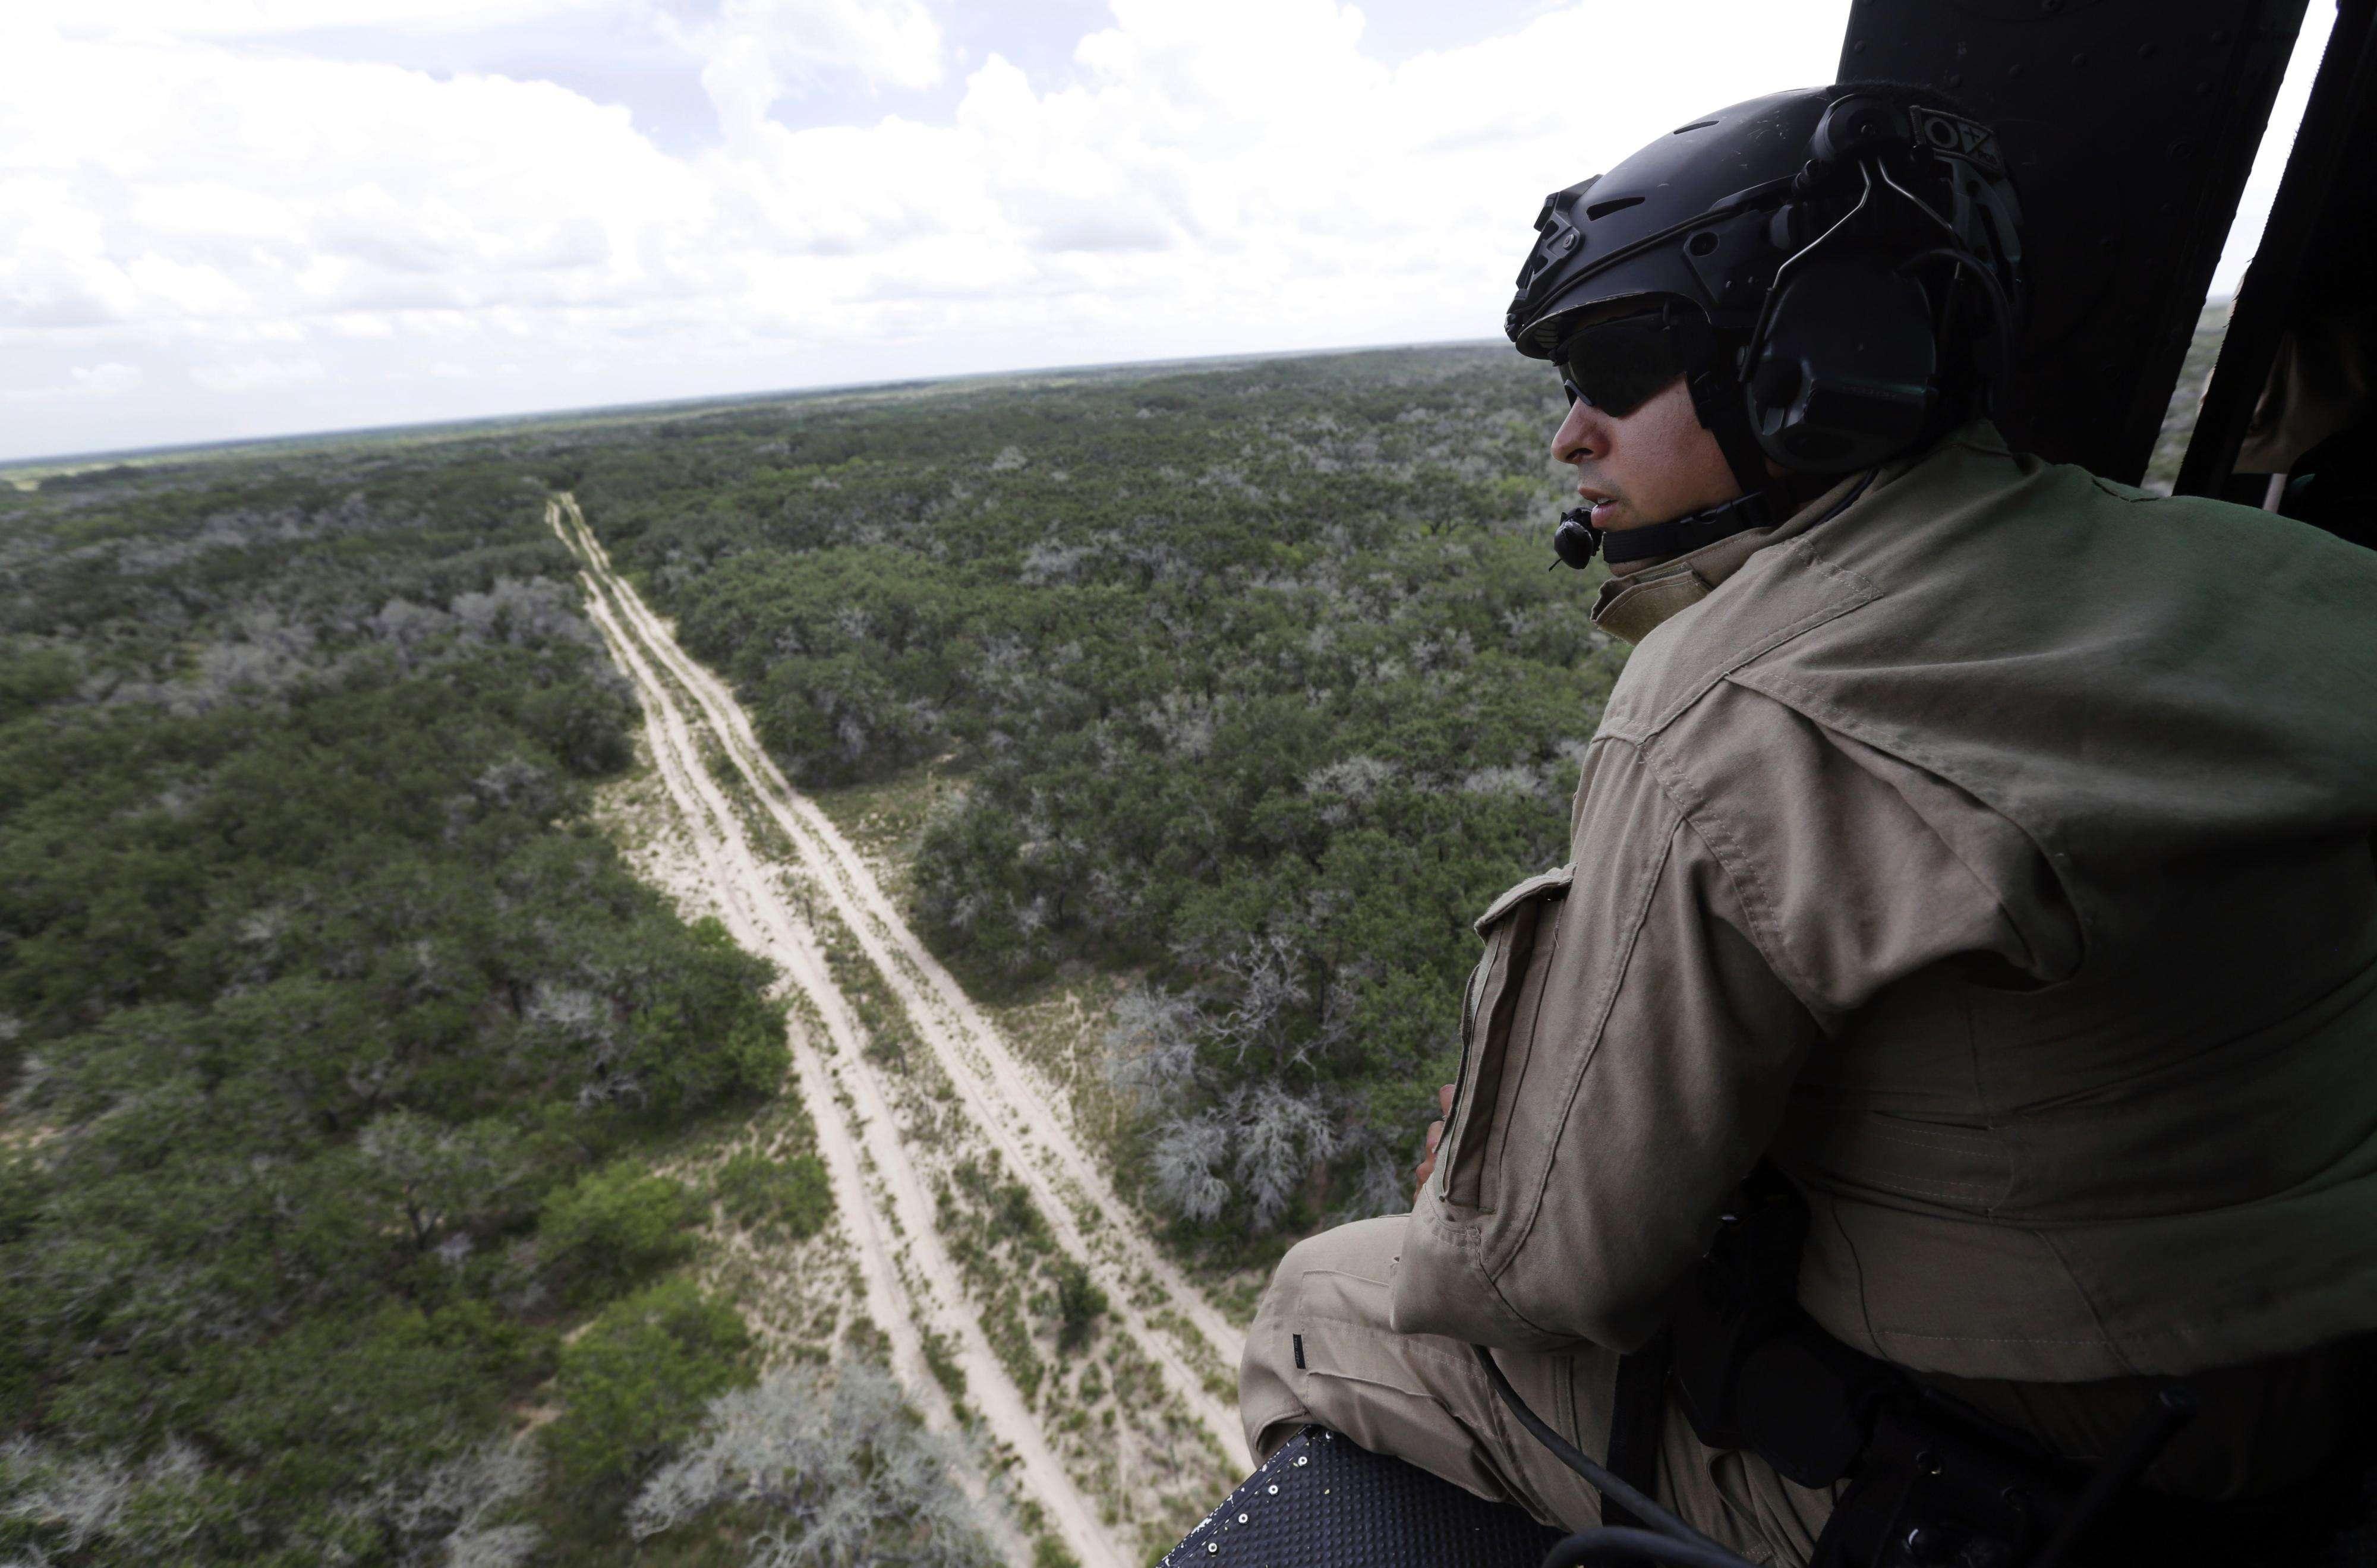 un agente de la Patrulla Fronteriza de Estados Unidos observa desde la portezuela de un helicóptero durante un vuelo cerca de la frontera con México en el área de McAllen, Texas. Foto: AP en español